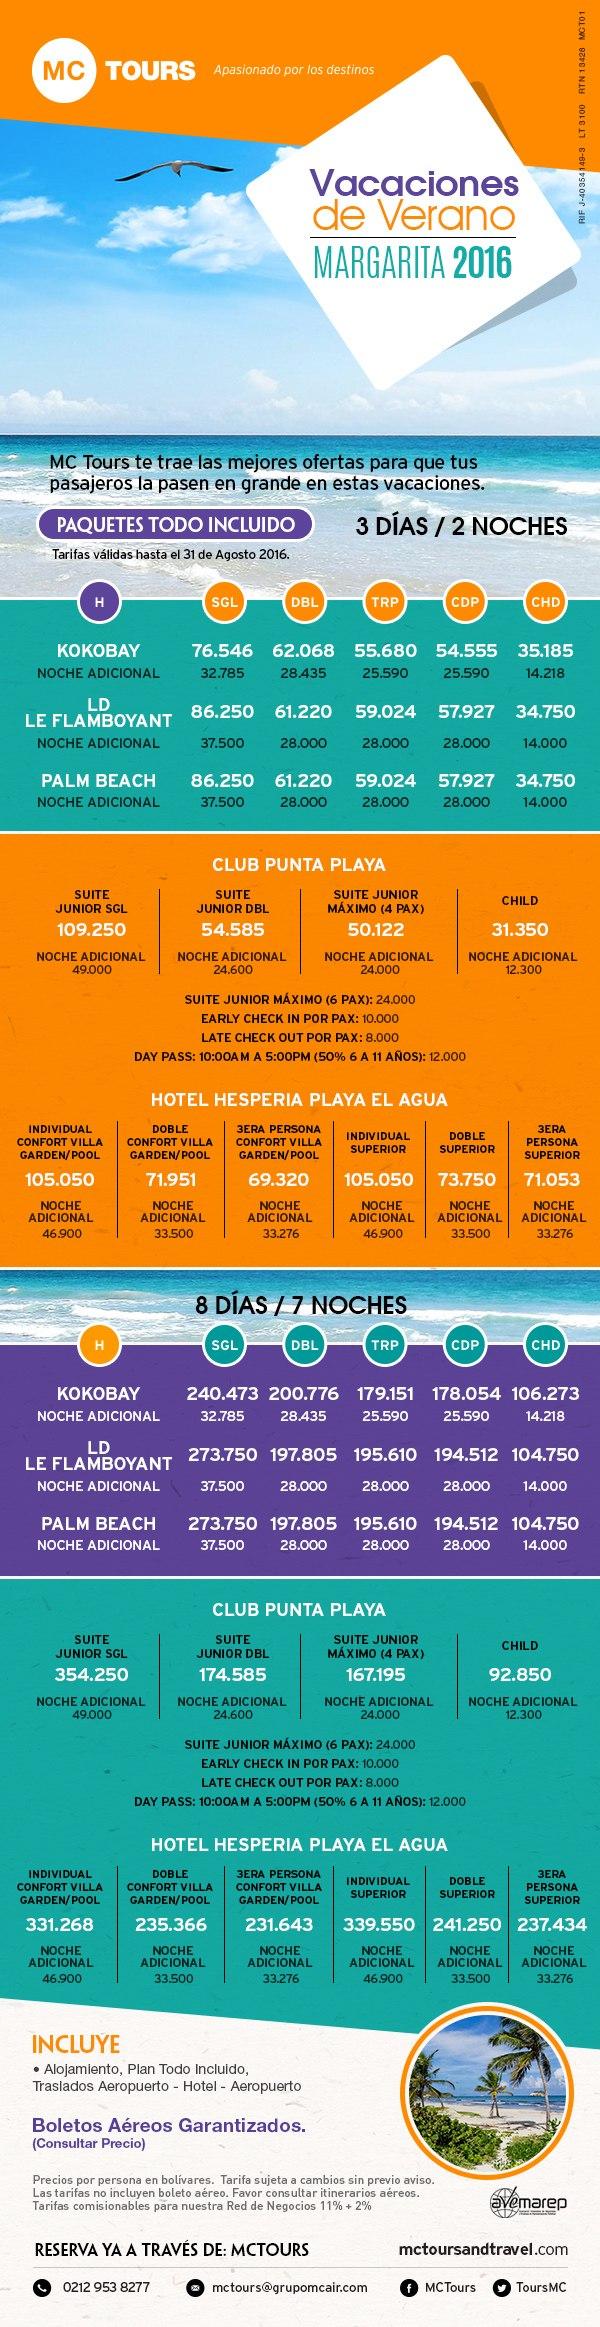 Flyer-Margarita-Verano-2016-TI